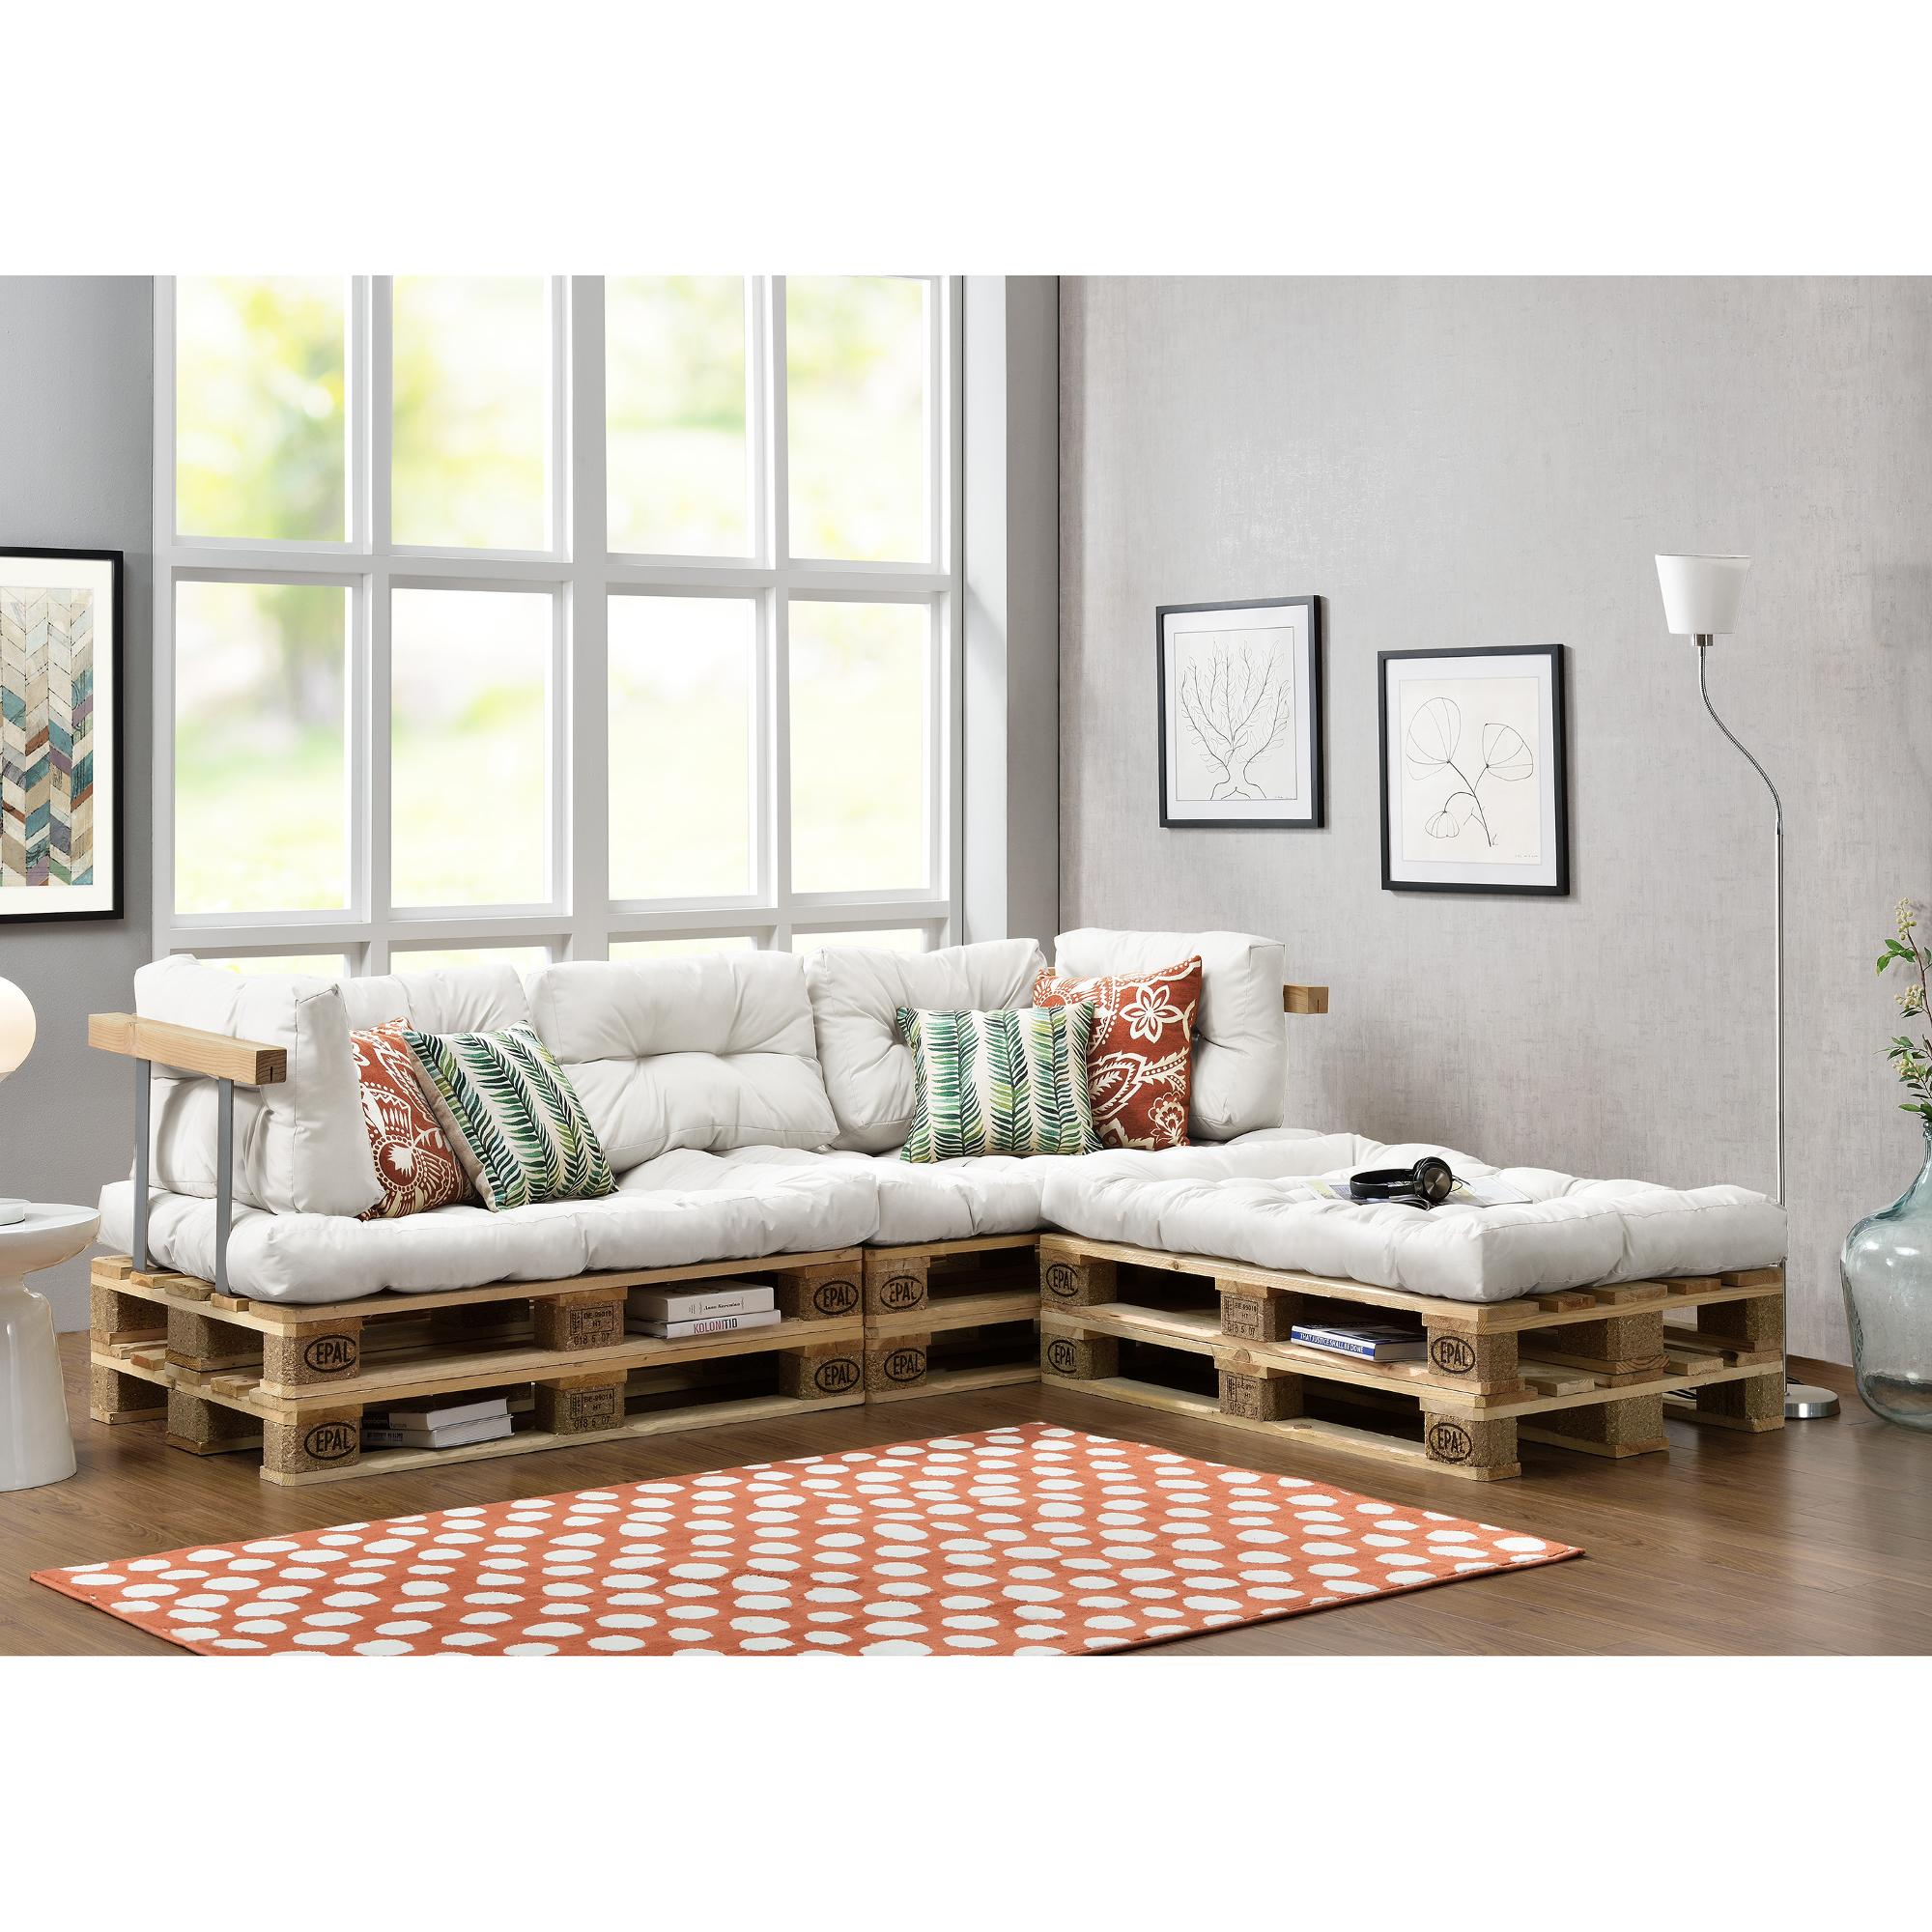 paletten sitzecke polster interessante ideen f r die gestaltung eines raumes in. Black Bedroom Furniture Sets. Home Design Ideas